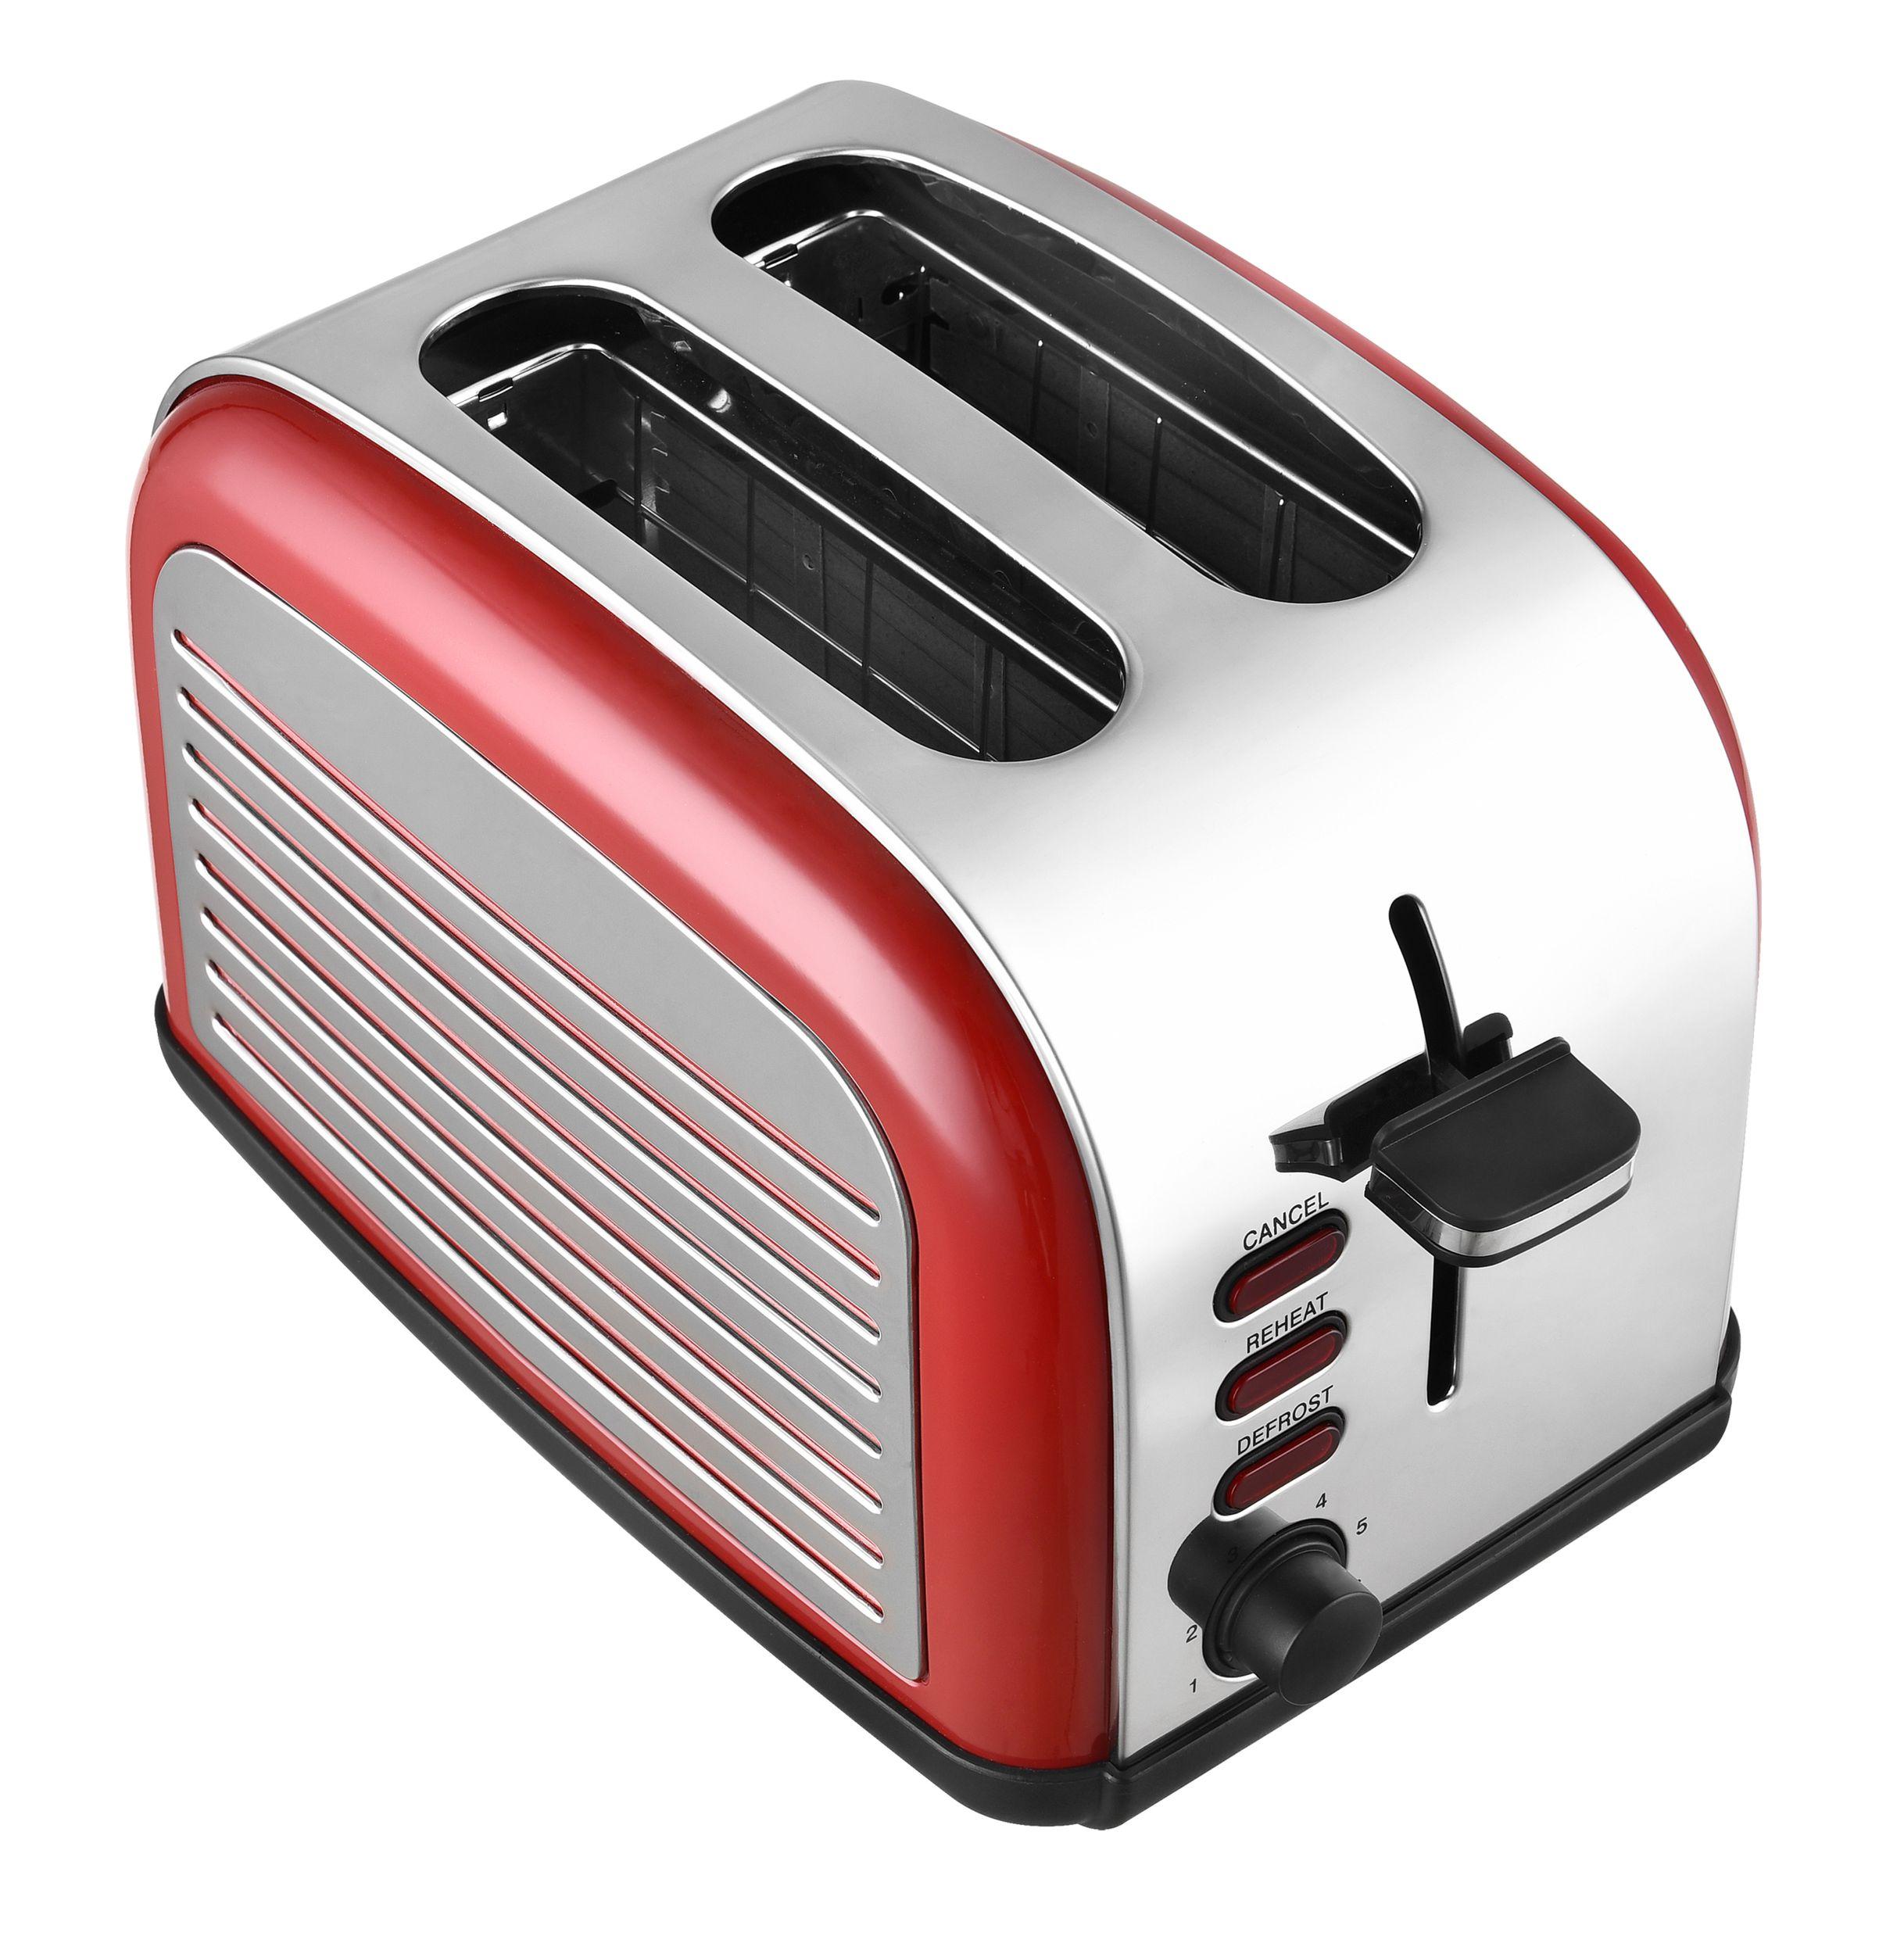 2-Scheiben-Edelstahltoaster Retro Design rot Brötchenaufsatz NEU*91080 Bild 4